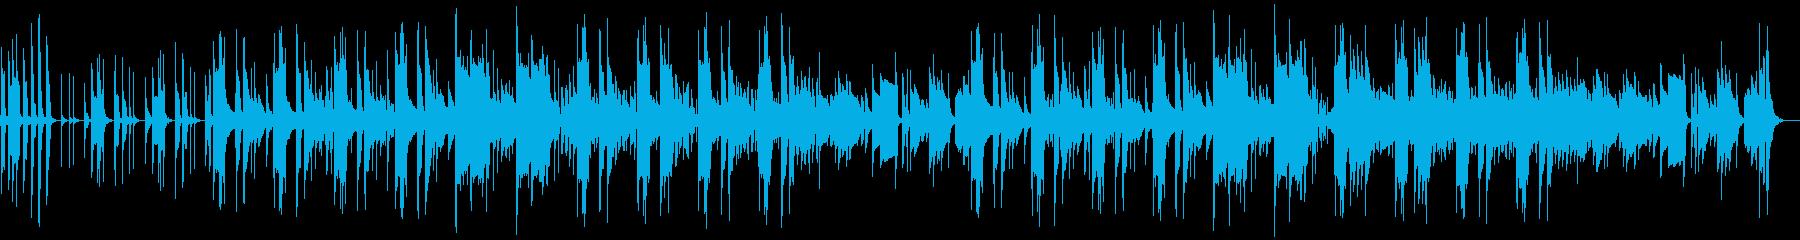 リコーダー、ほのぼの日常会話シーン劇伴の再生済みの波形